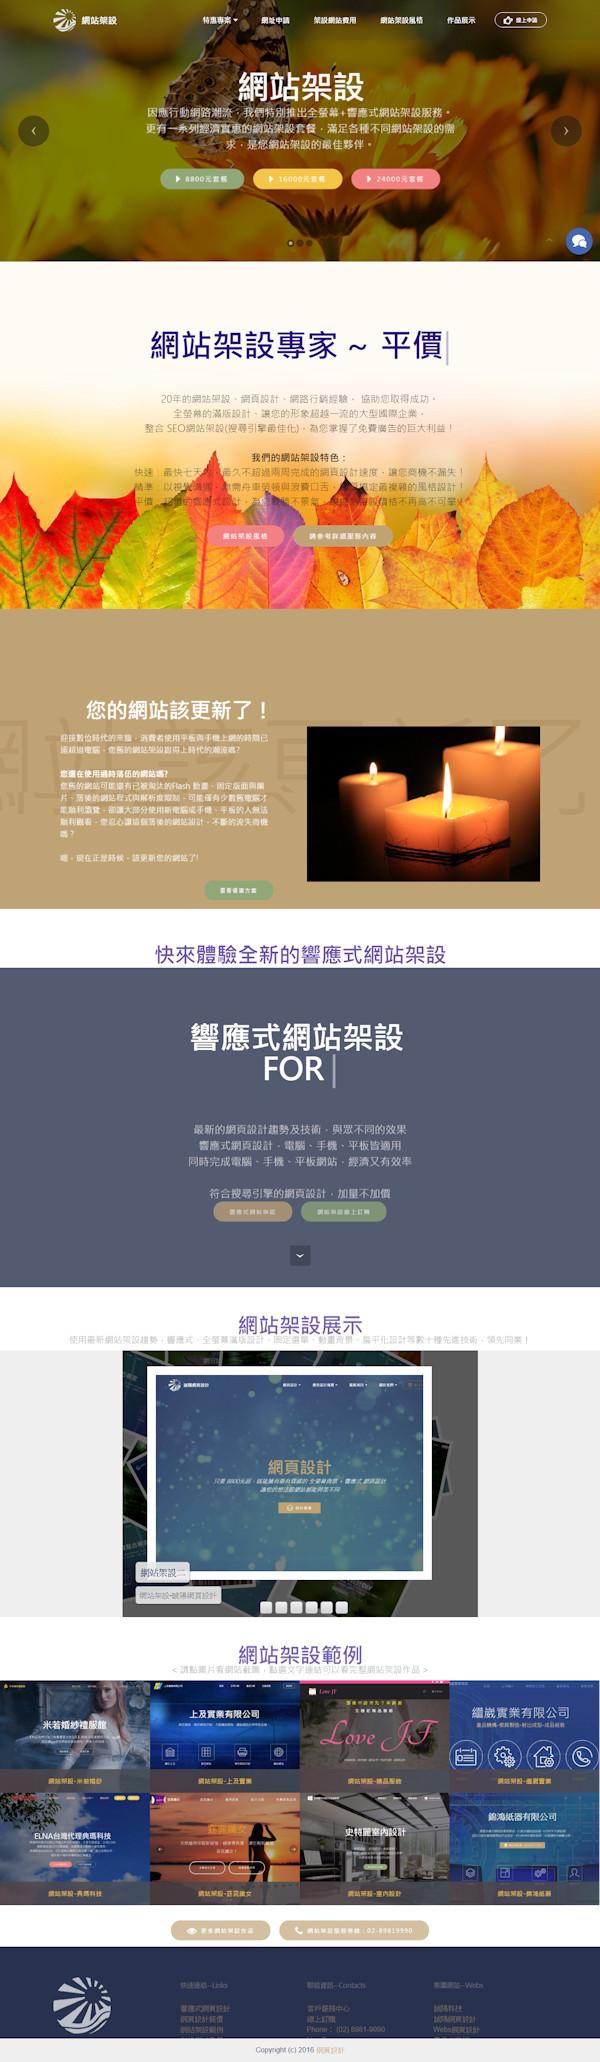 網頁設計-網站架設2